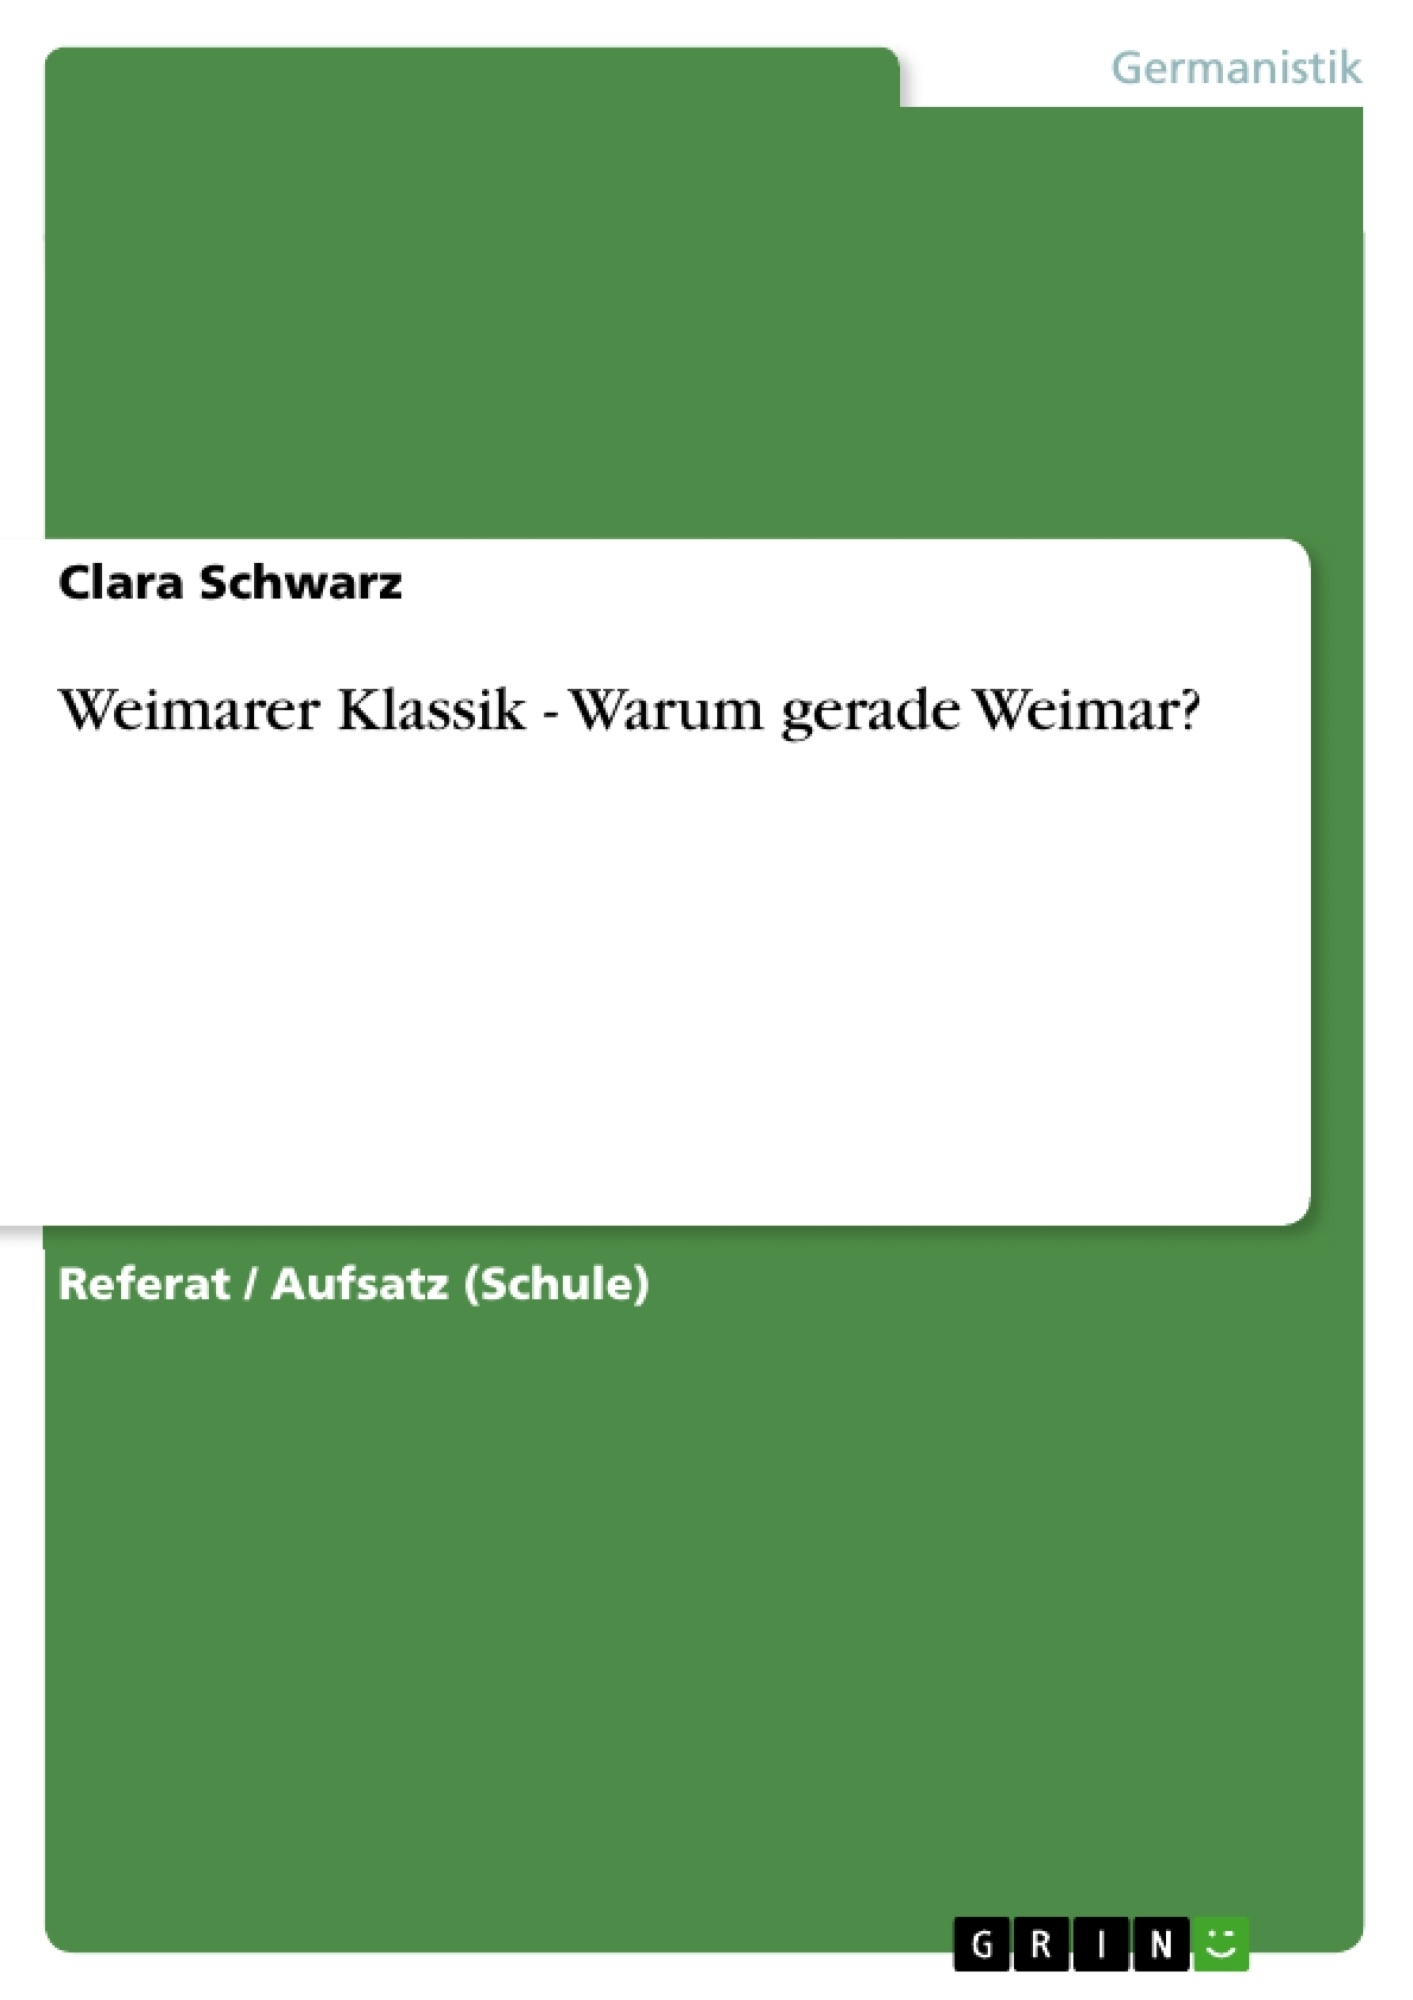 Titel: Weimarer Klassik - Warum gerade Weimar?